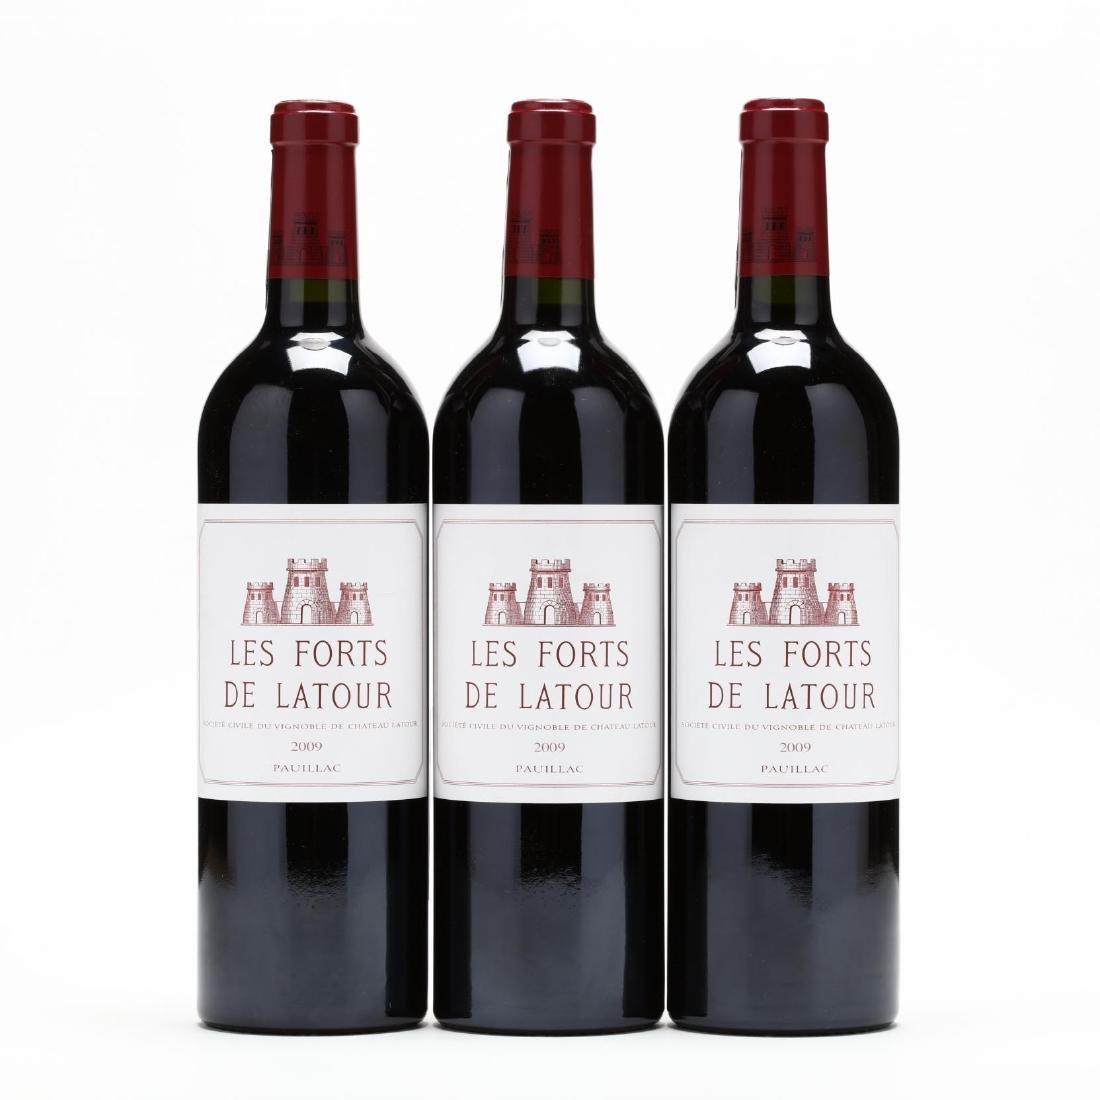 Les Forts de Latour - Vintage 2009